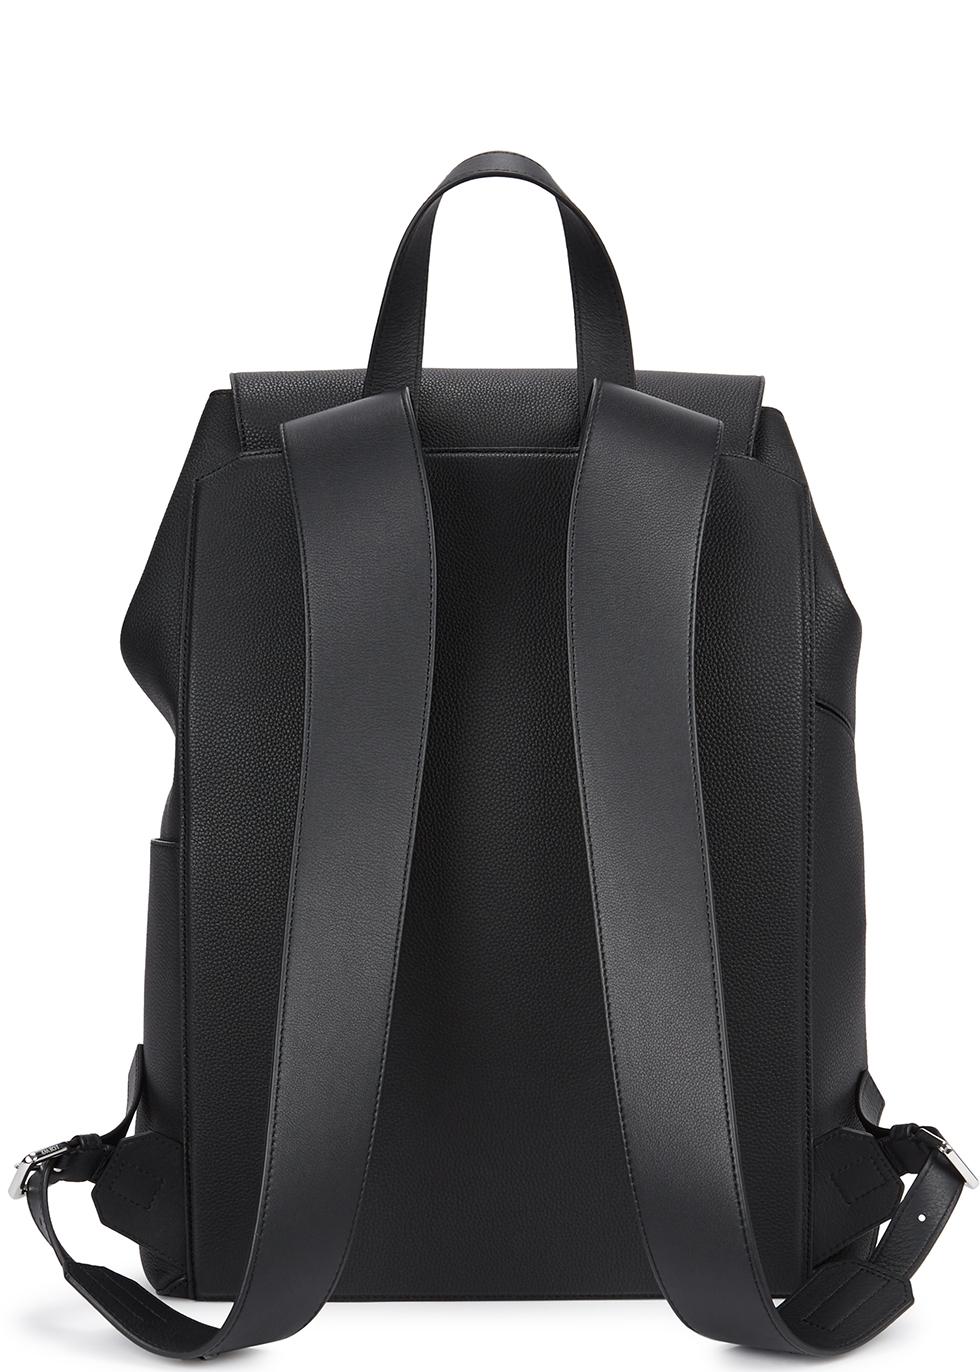 cc70c3edcd Designer Man Bags